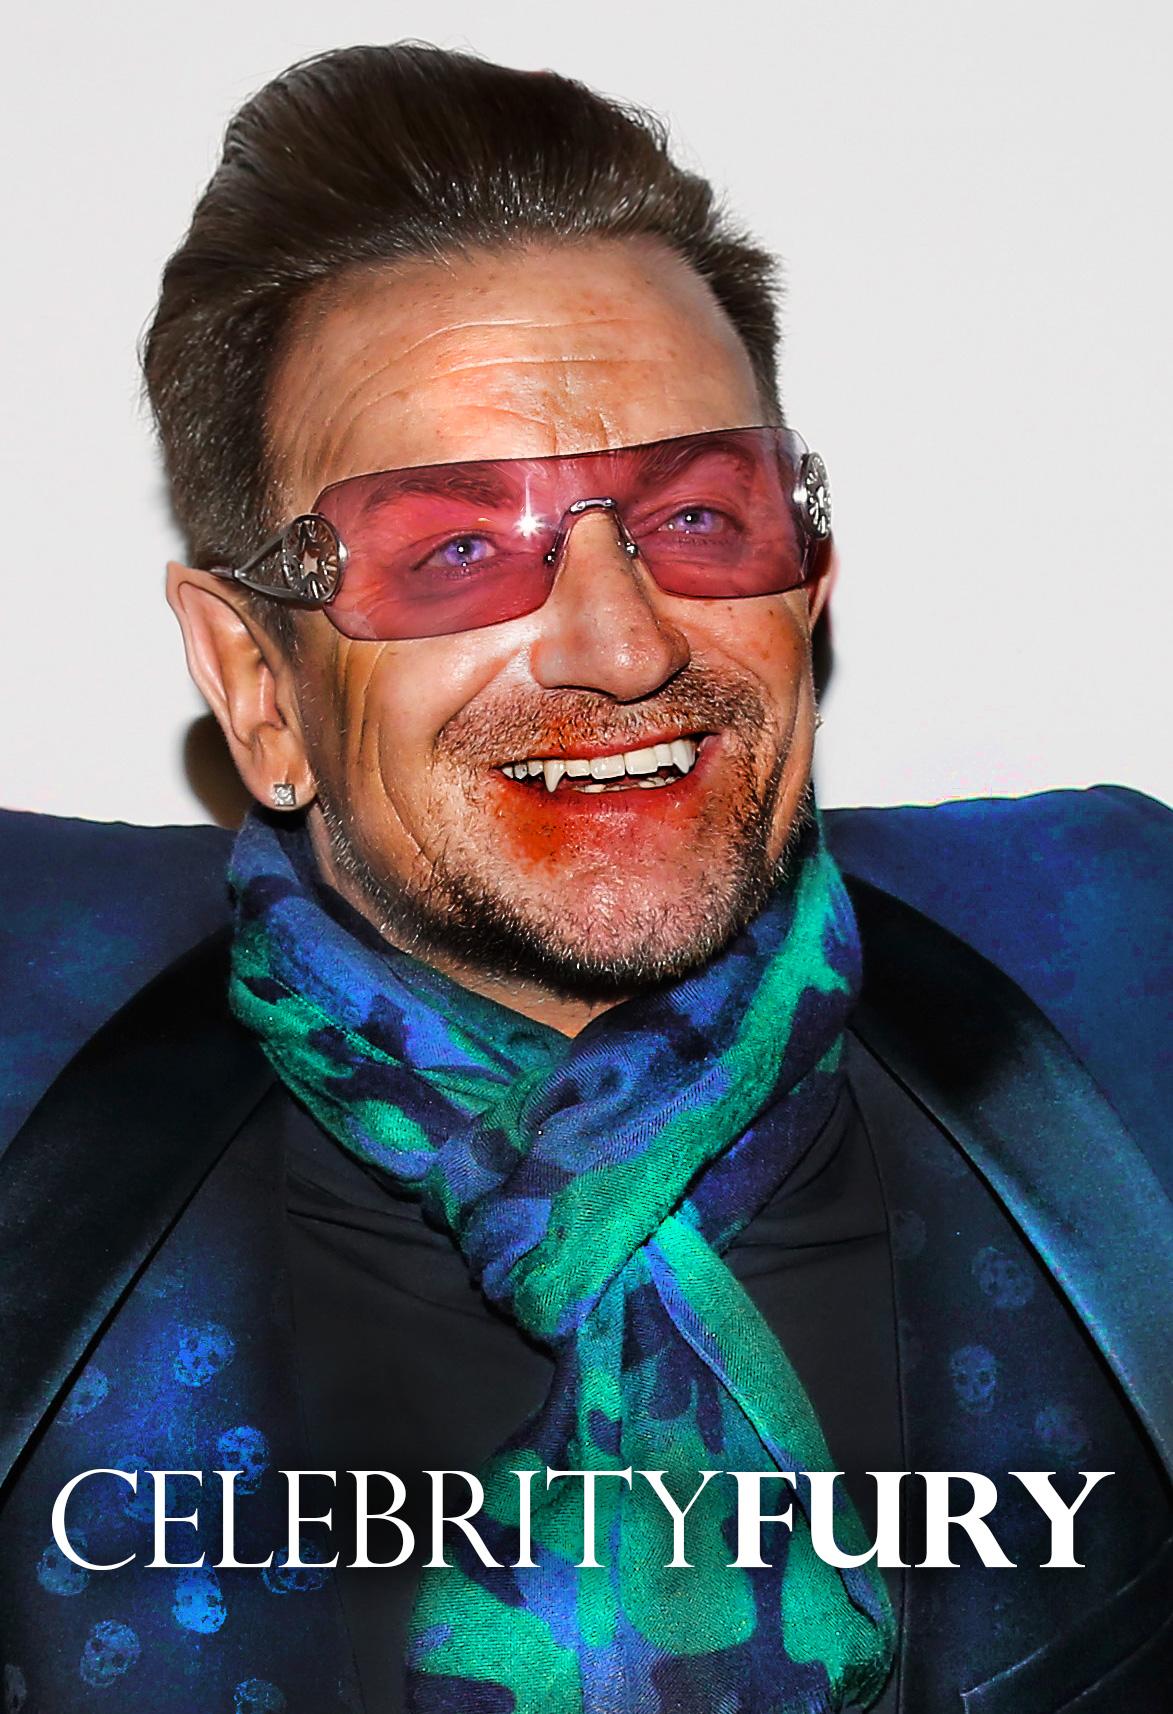 bono Bono Bono bono